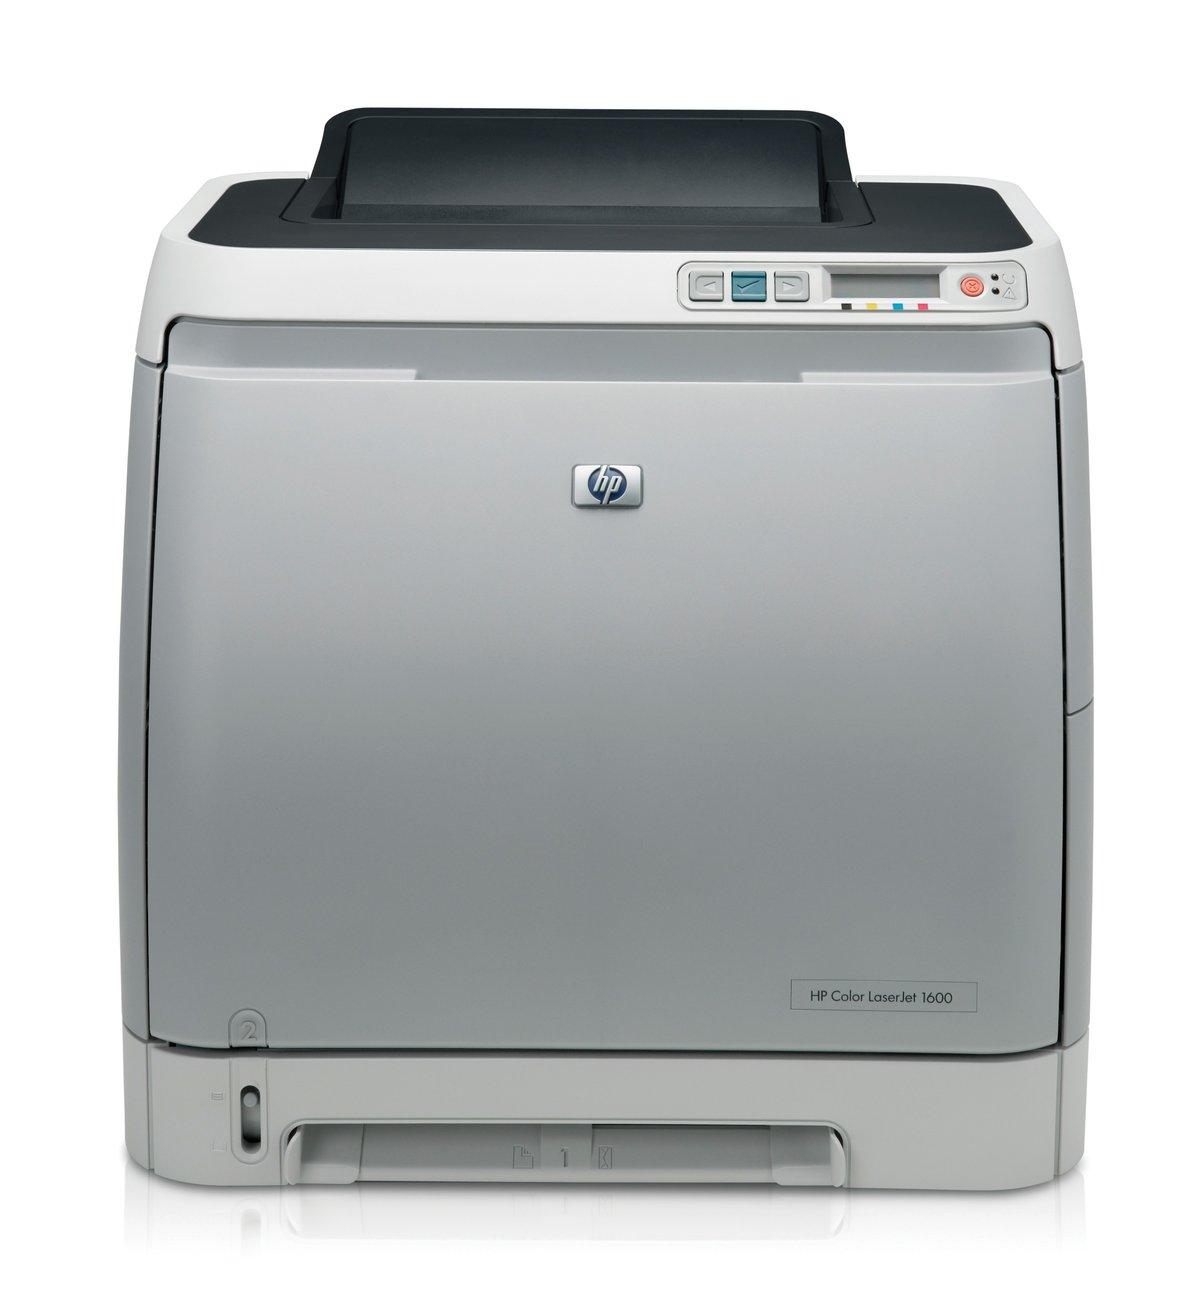 slide 1 of 3,show larger image, hp color laserjet 1600 printer